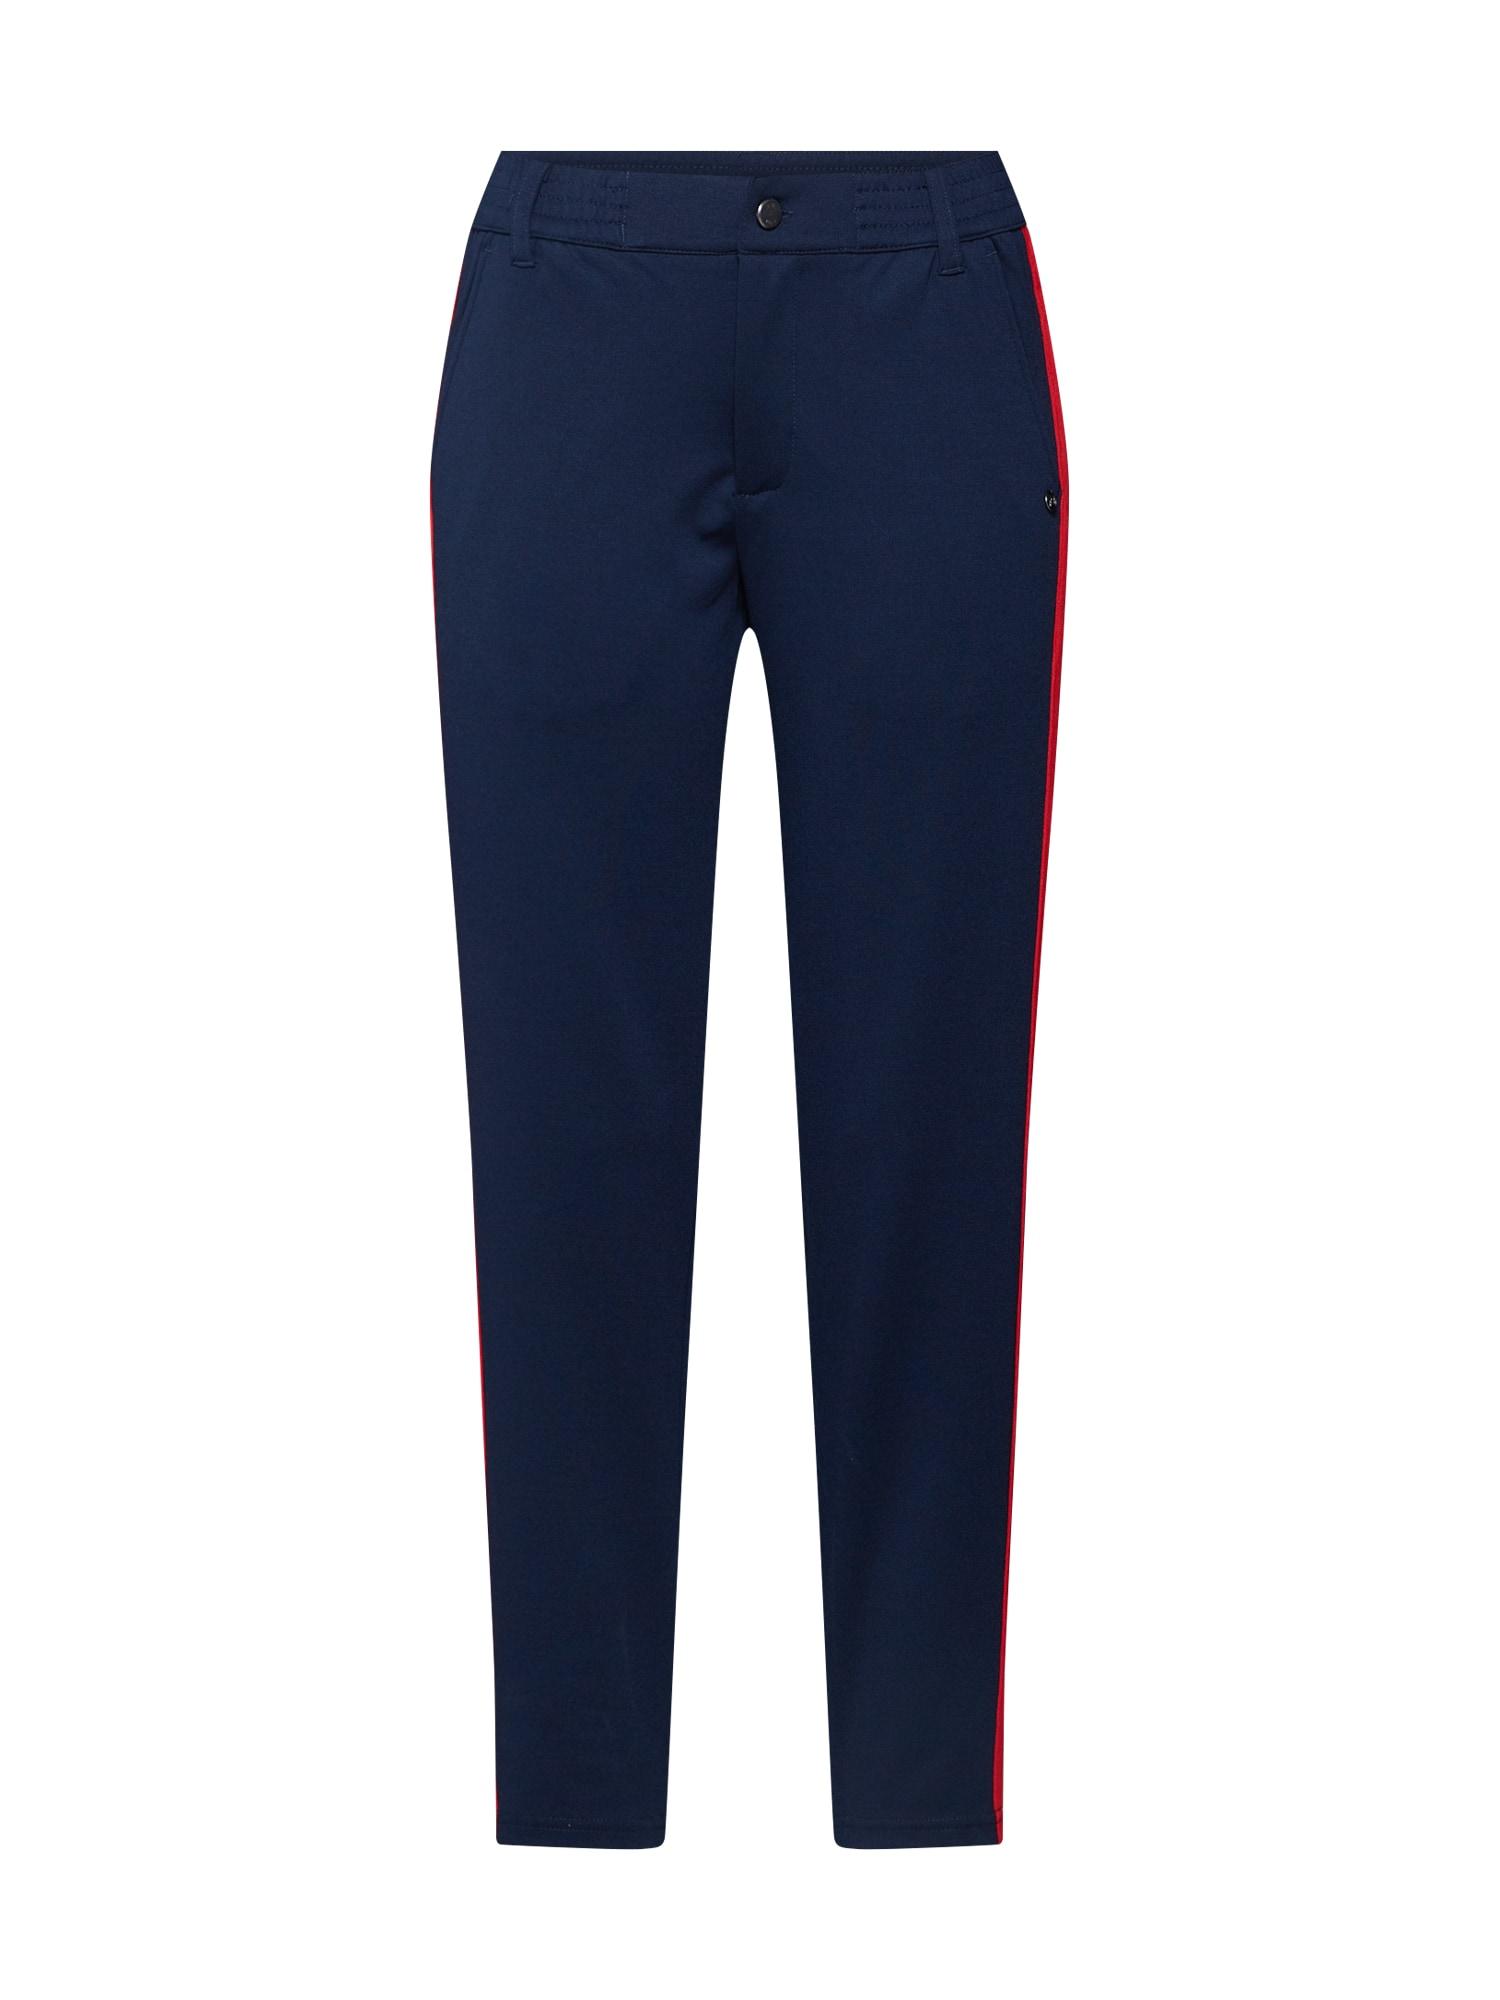 TOM TAILOR DENIM Kalhoty 'Athletic knitted track pants'  námořnická modř